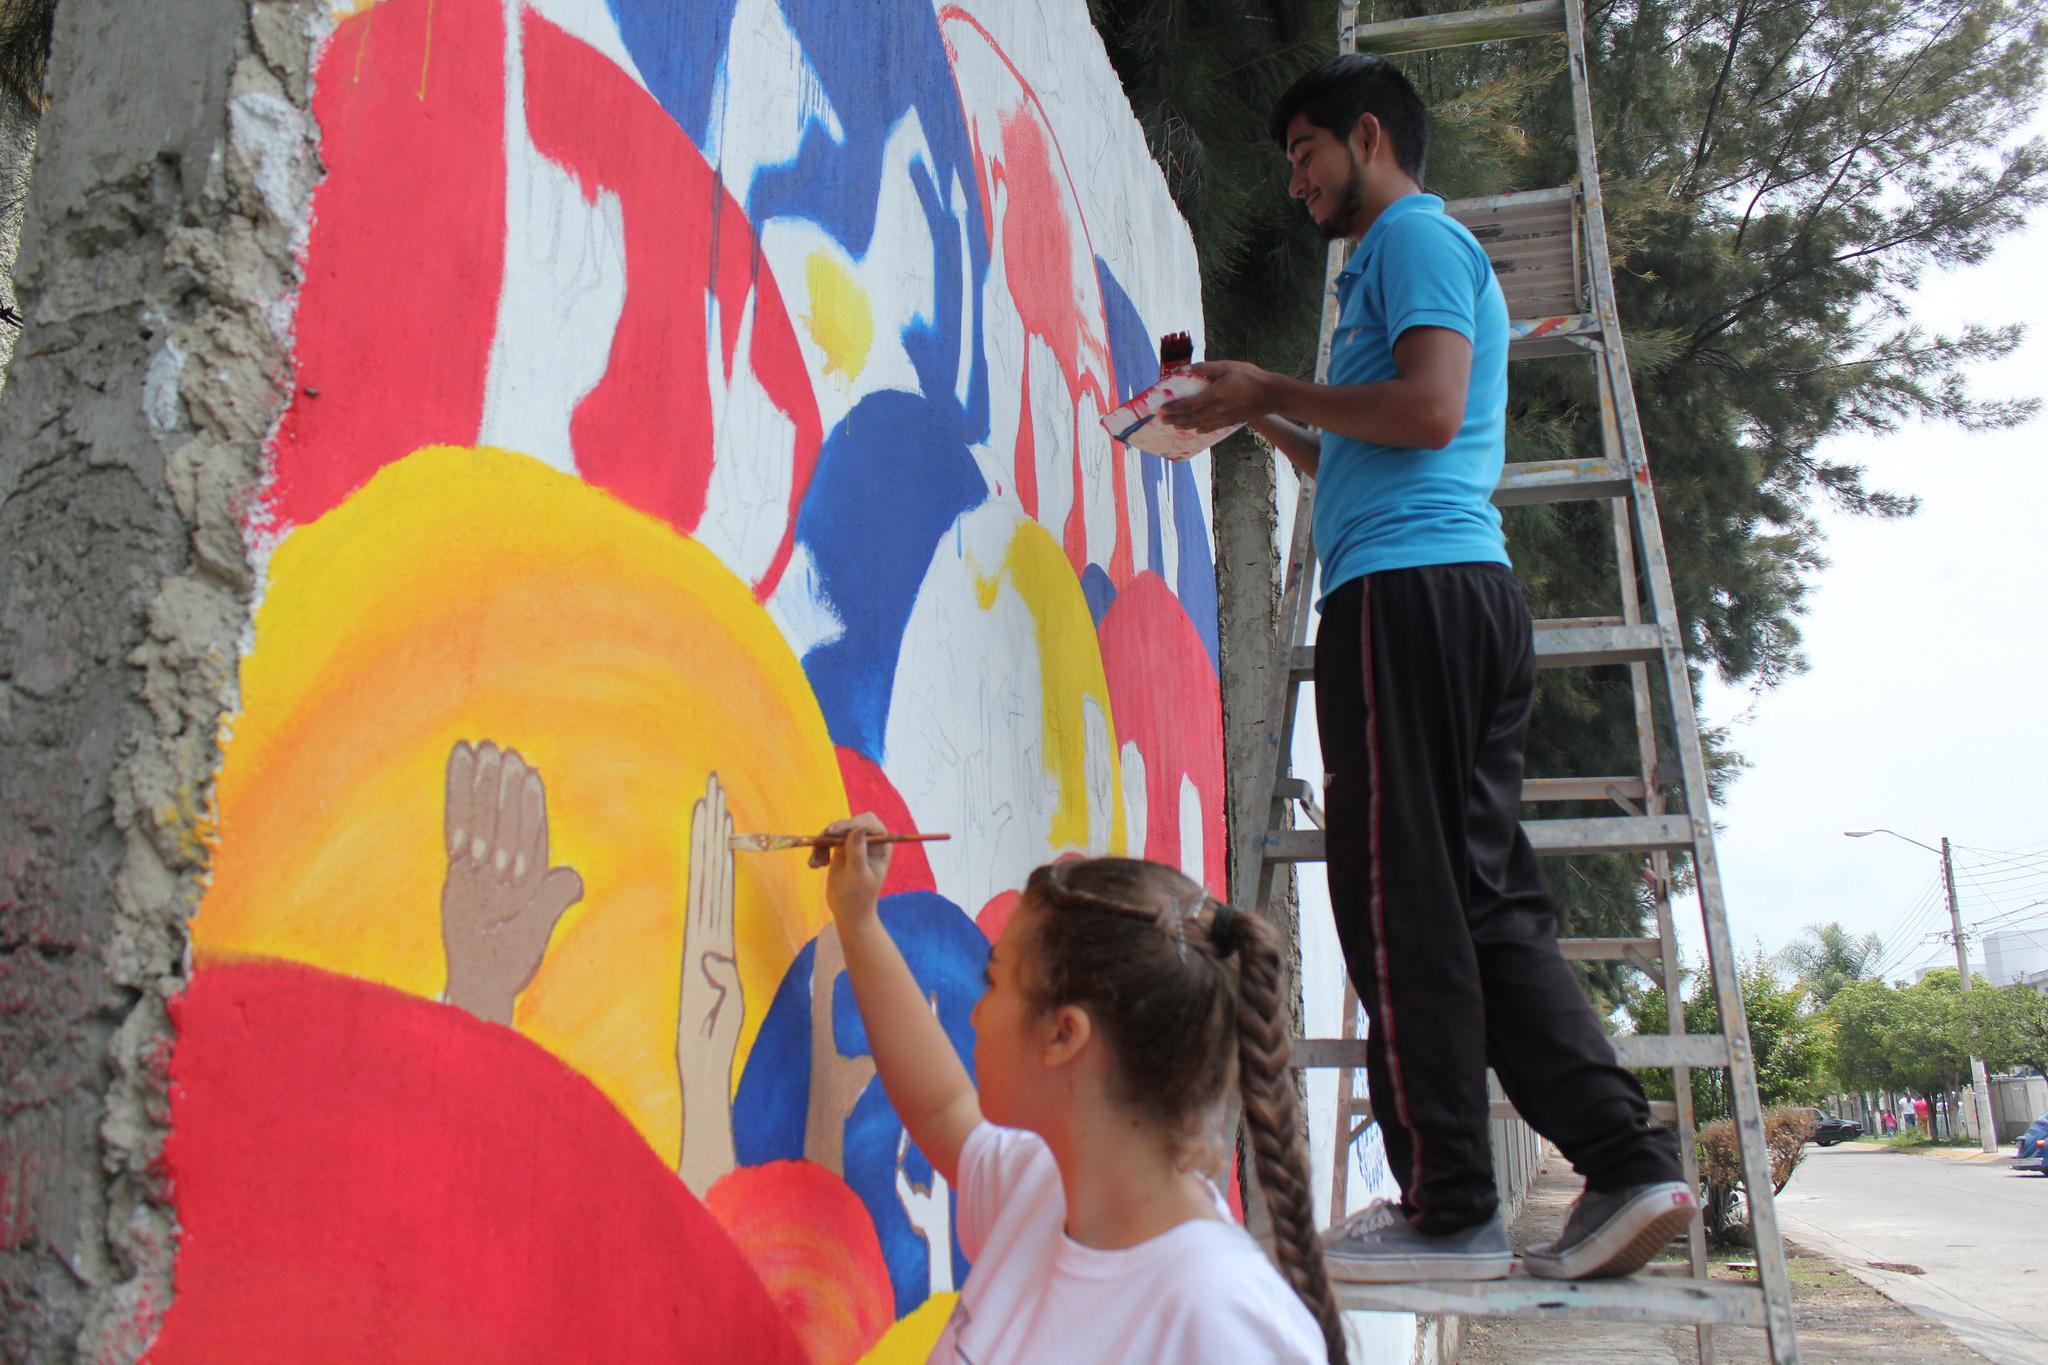 Alumnos de preparatoria No. 7 con discapacidad auditiva, pintando un mural con imgenes de lenguaje de señas